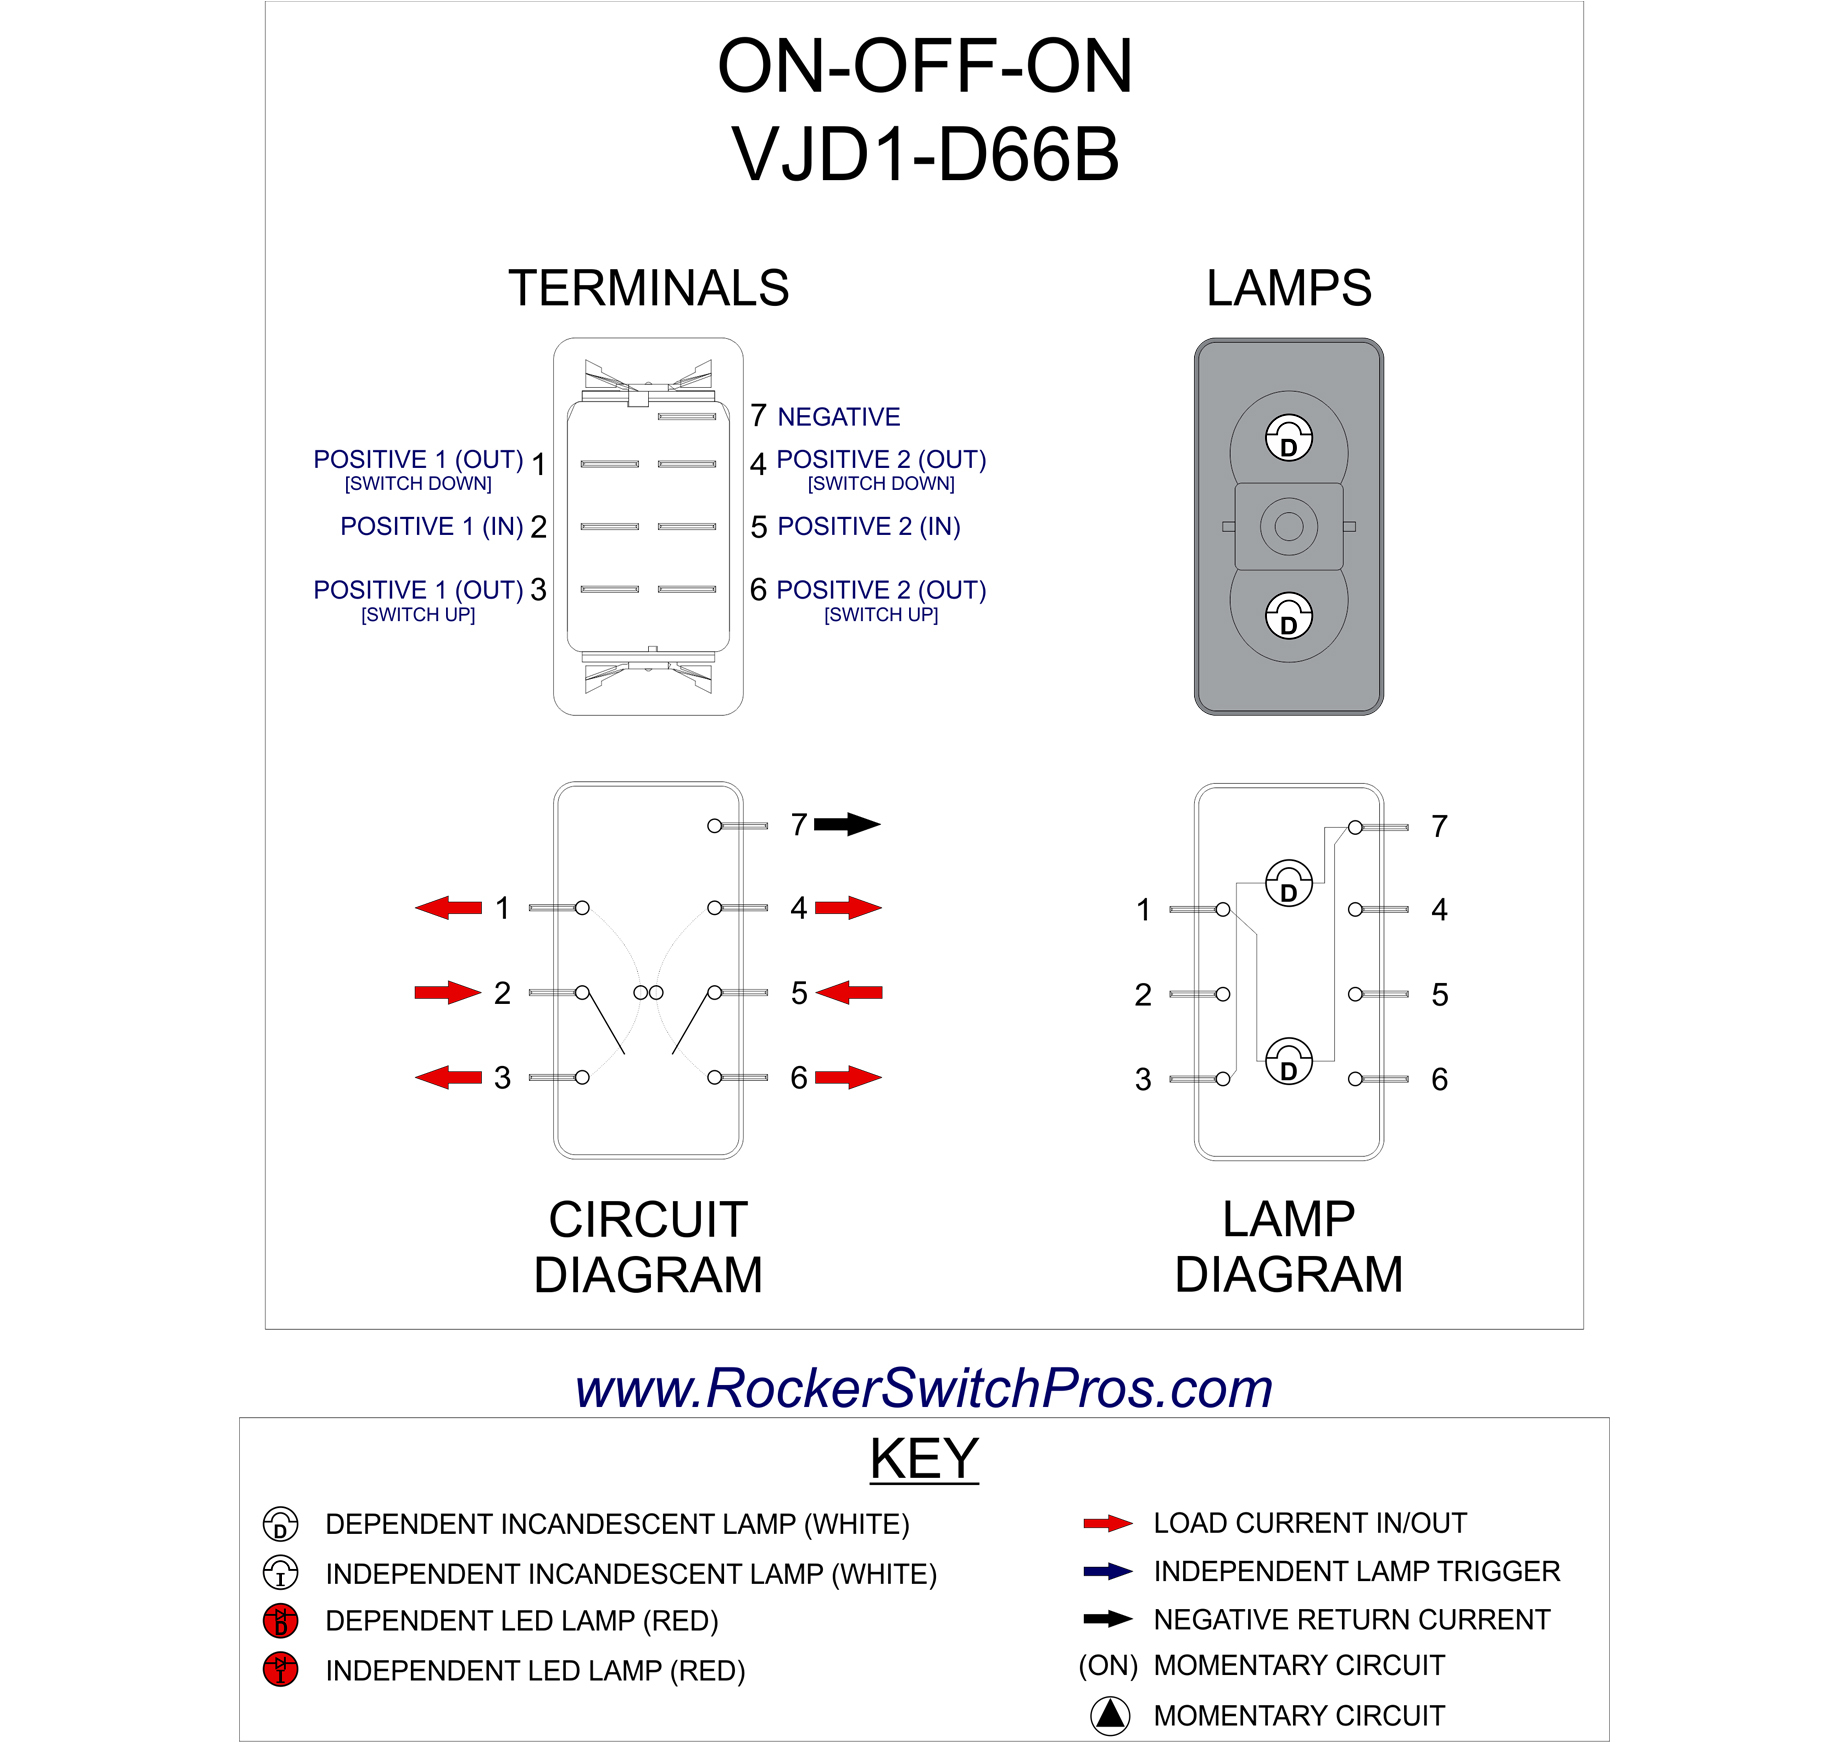 Dpst Rocker Switch Wiring Diagram - Wiring Diagram Roc 12 Rocker Switch On Off Dpdt 2 Dep Lights 16k